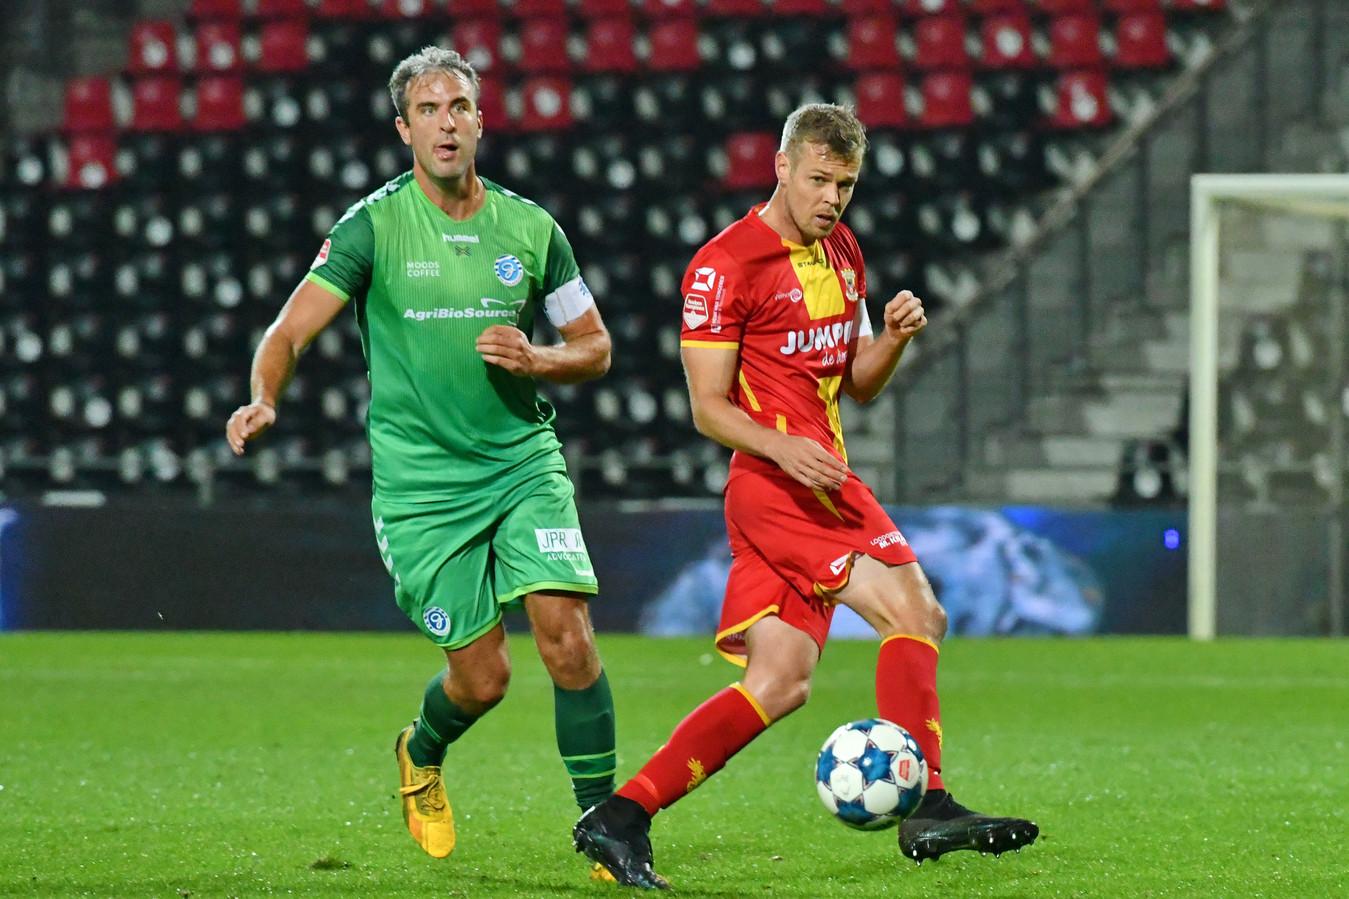 Ralf Seuntjes in duel met Jeroen Veldmate.